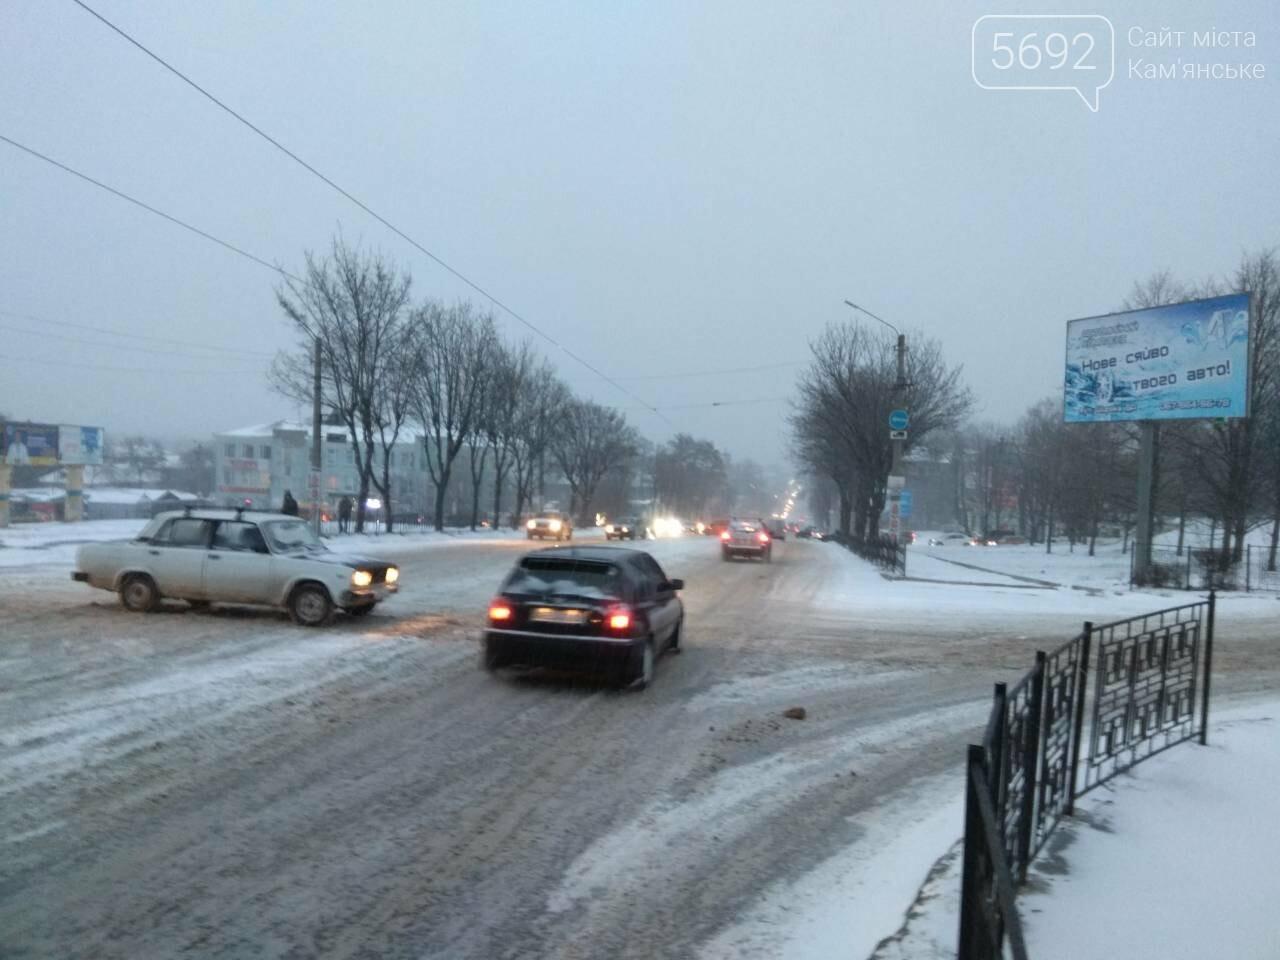 В Каменском – транспортный коллапс из-за непогоды, фото-1